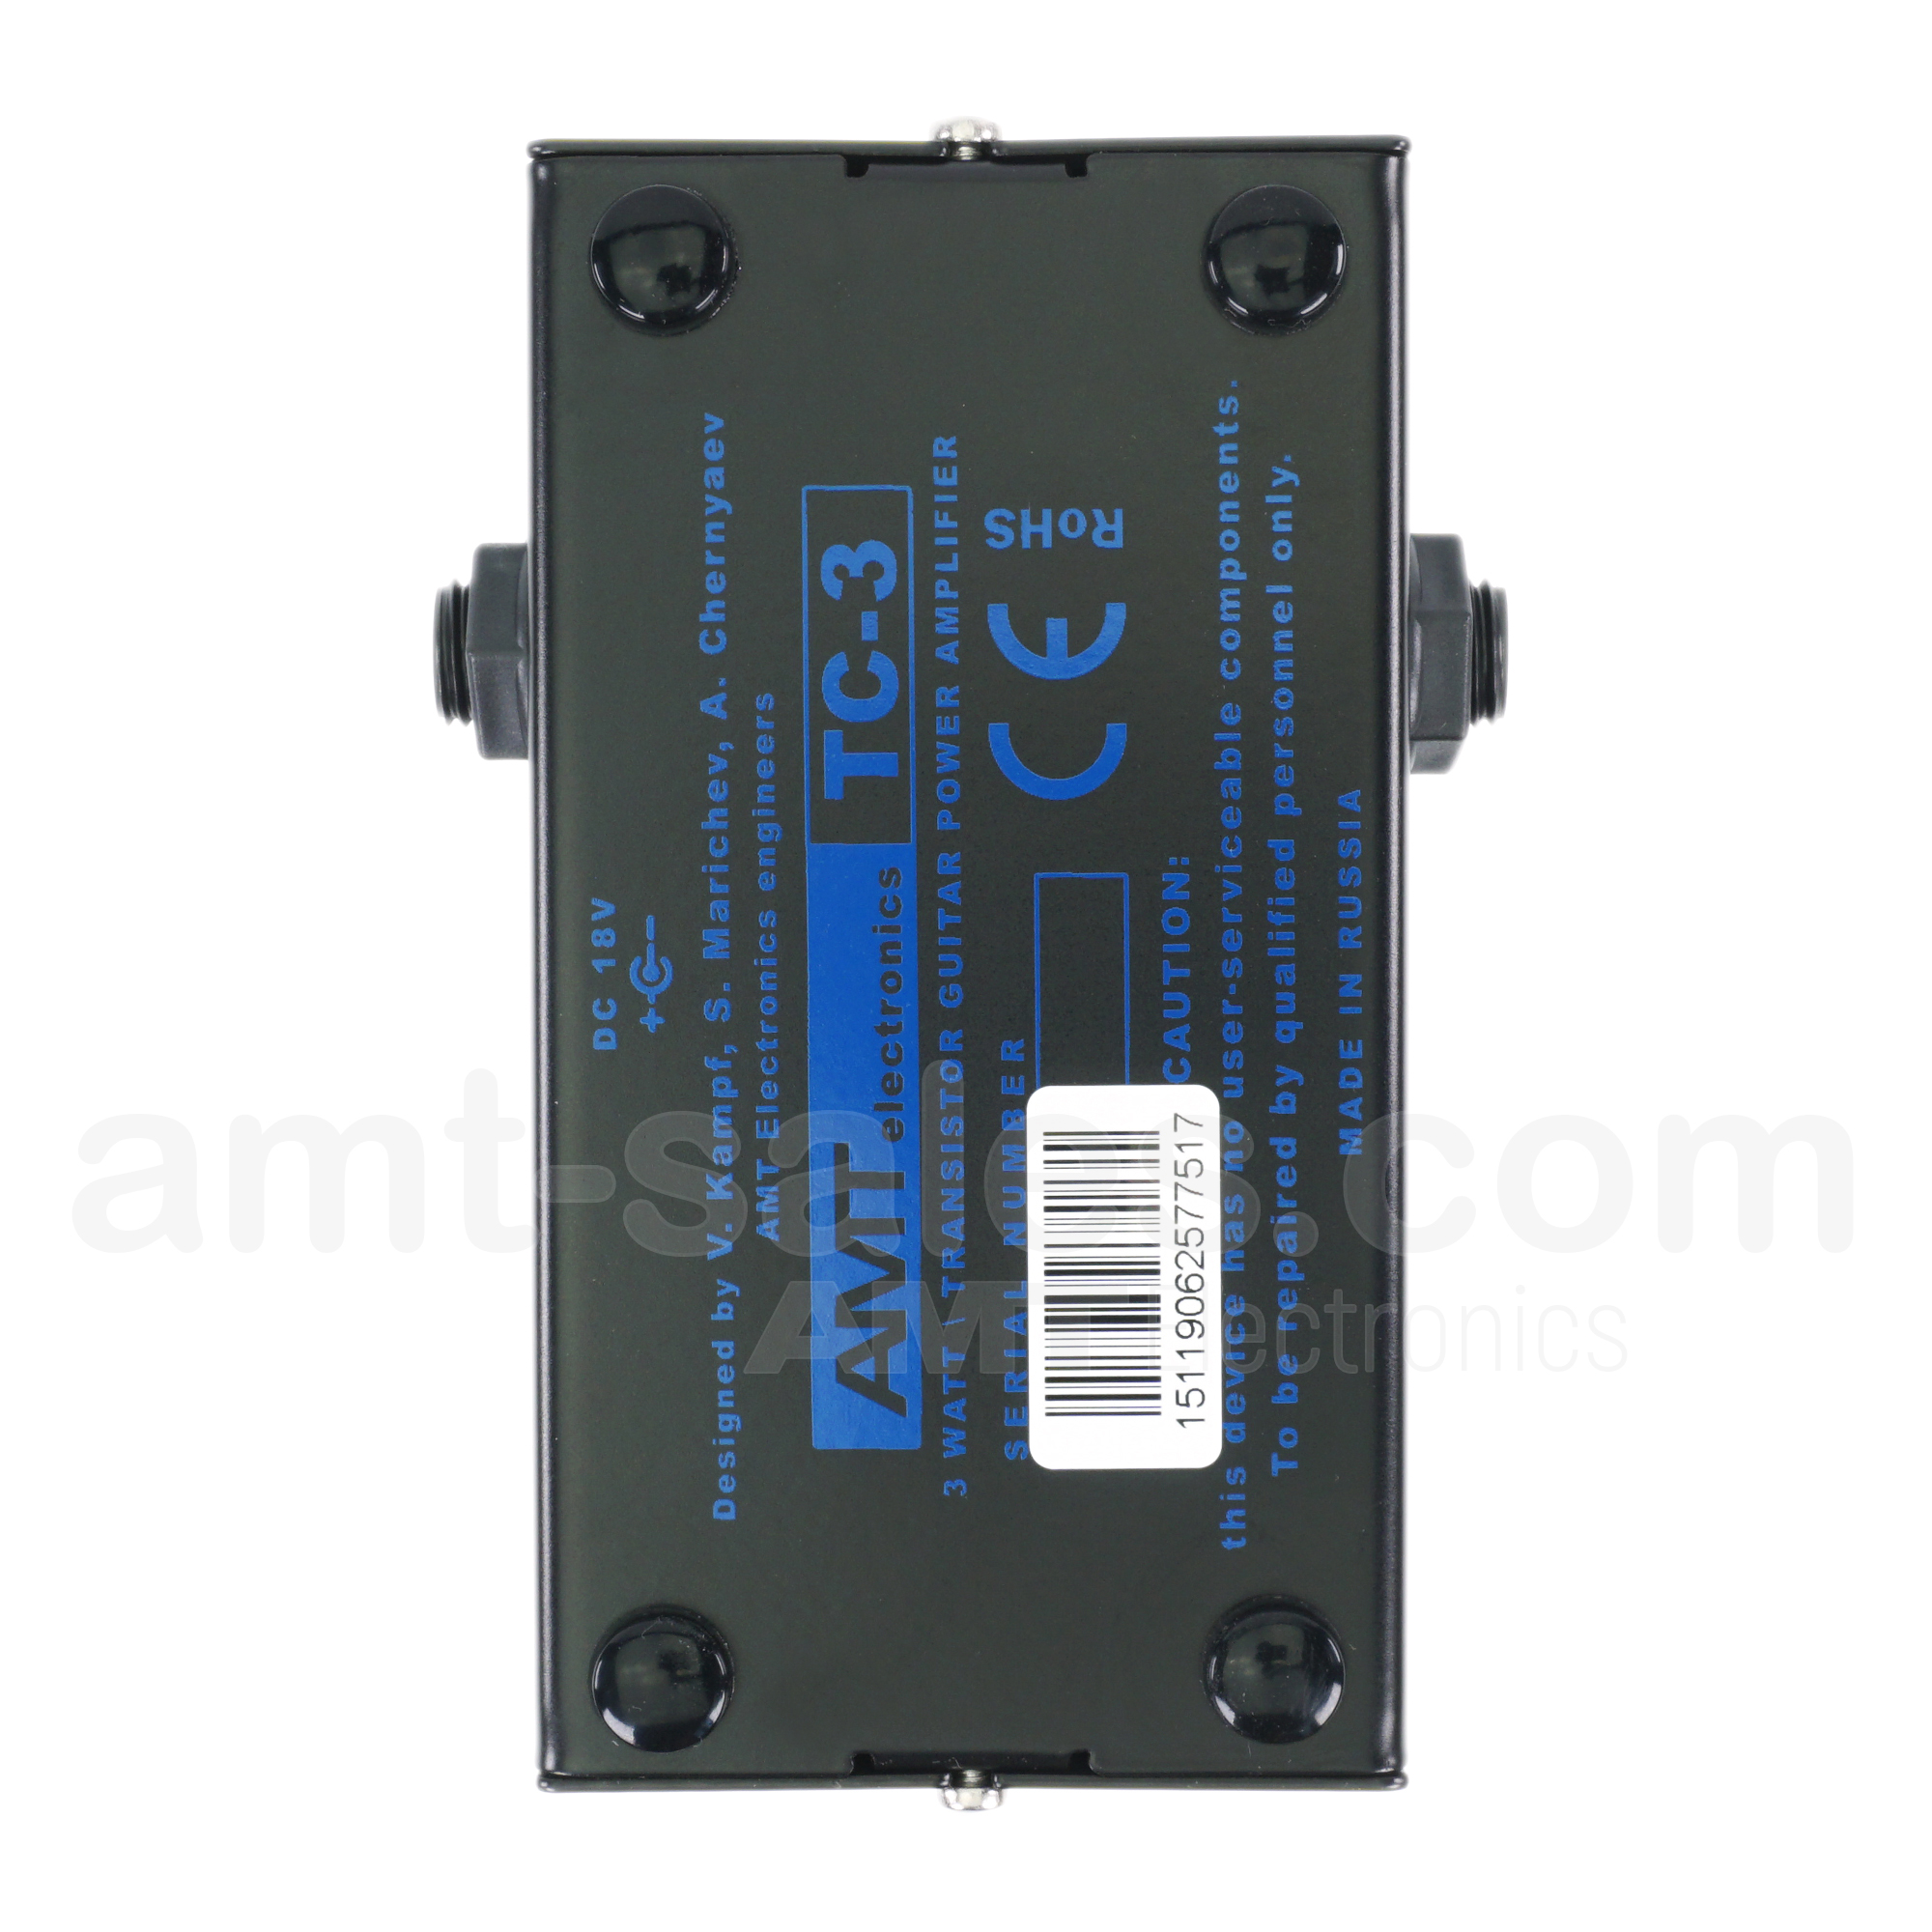 AMT Tubecake 3W - 3W Power Amplifier (100% analog)